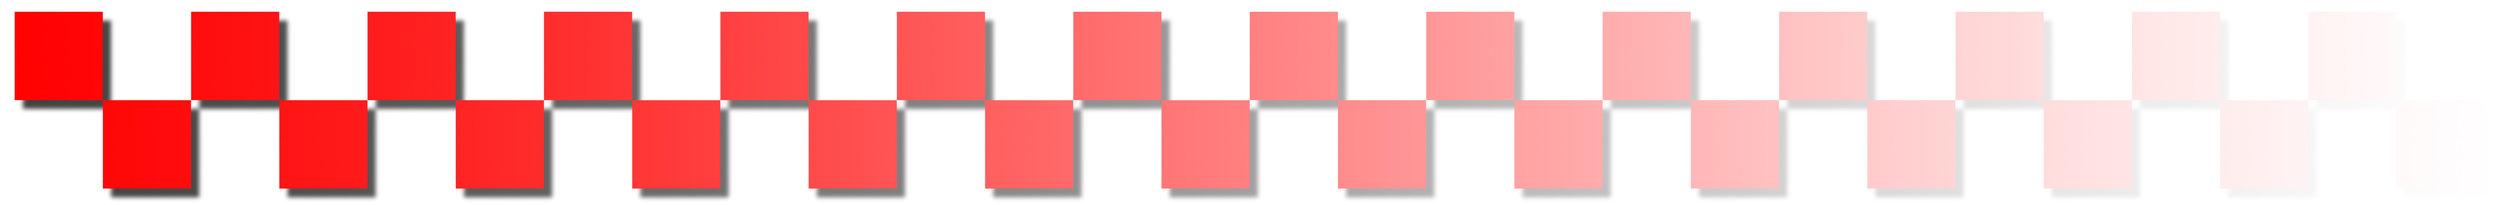 Small Checker Fade to White.jpg